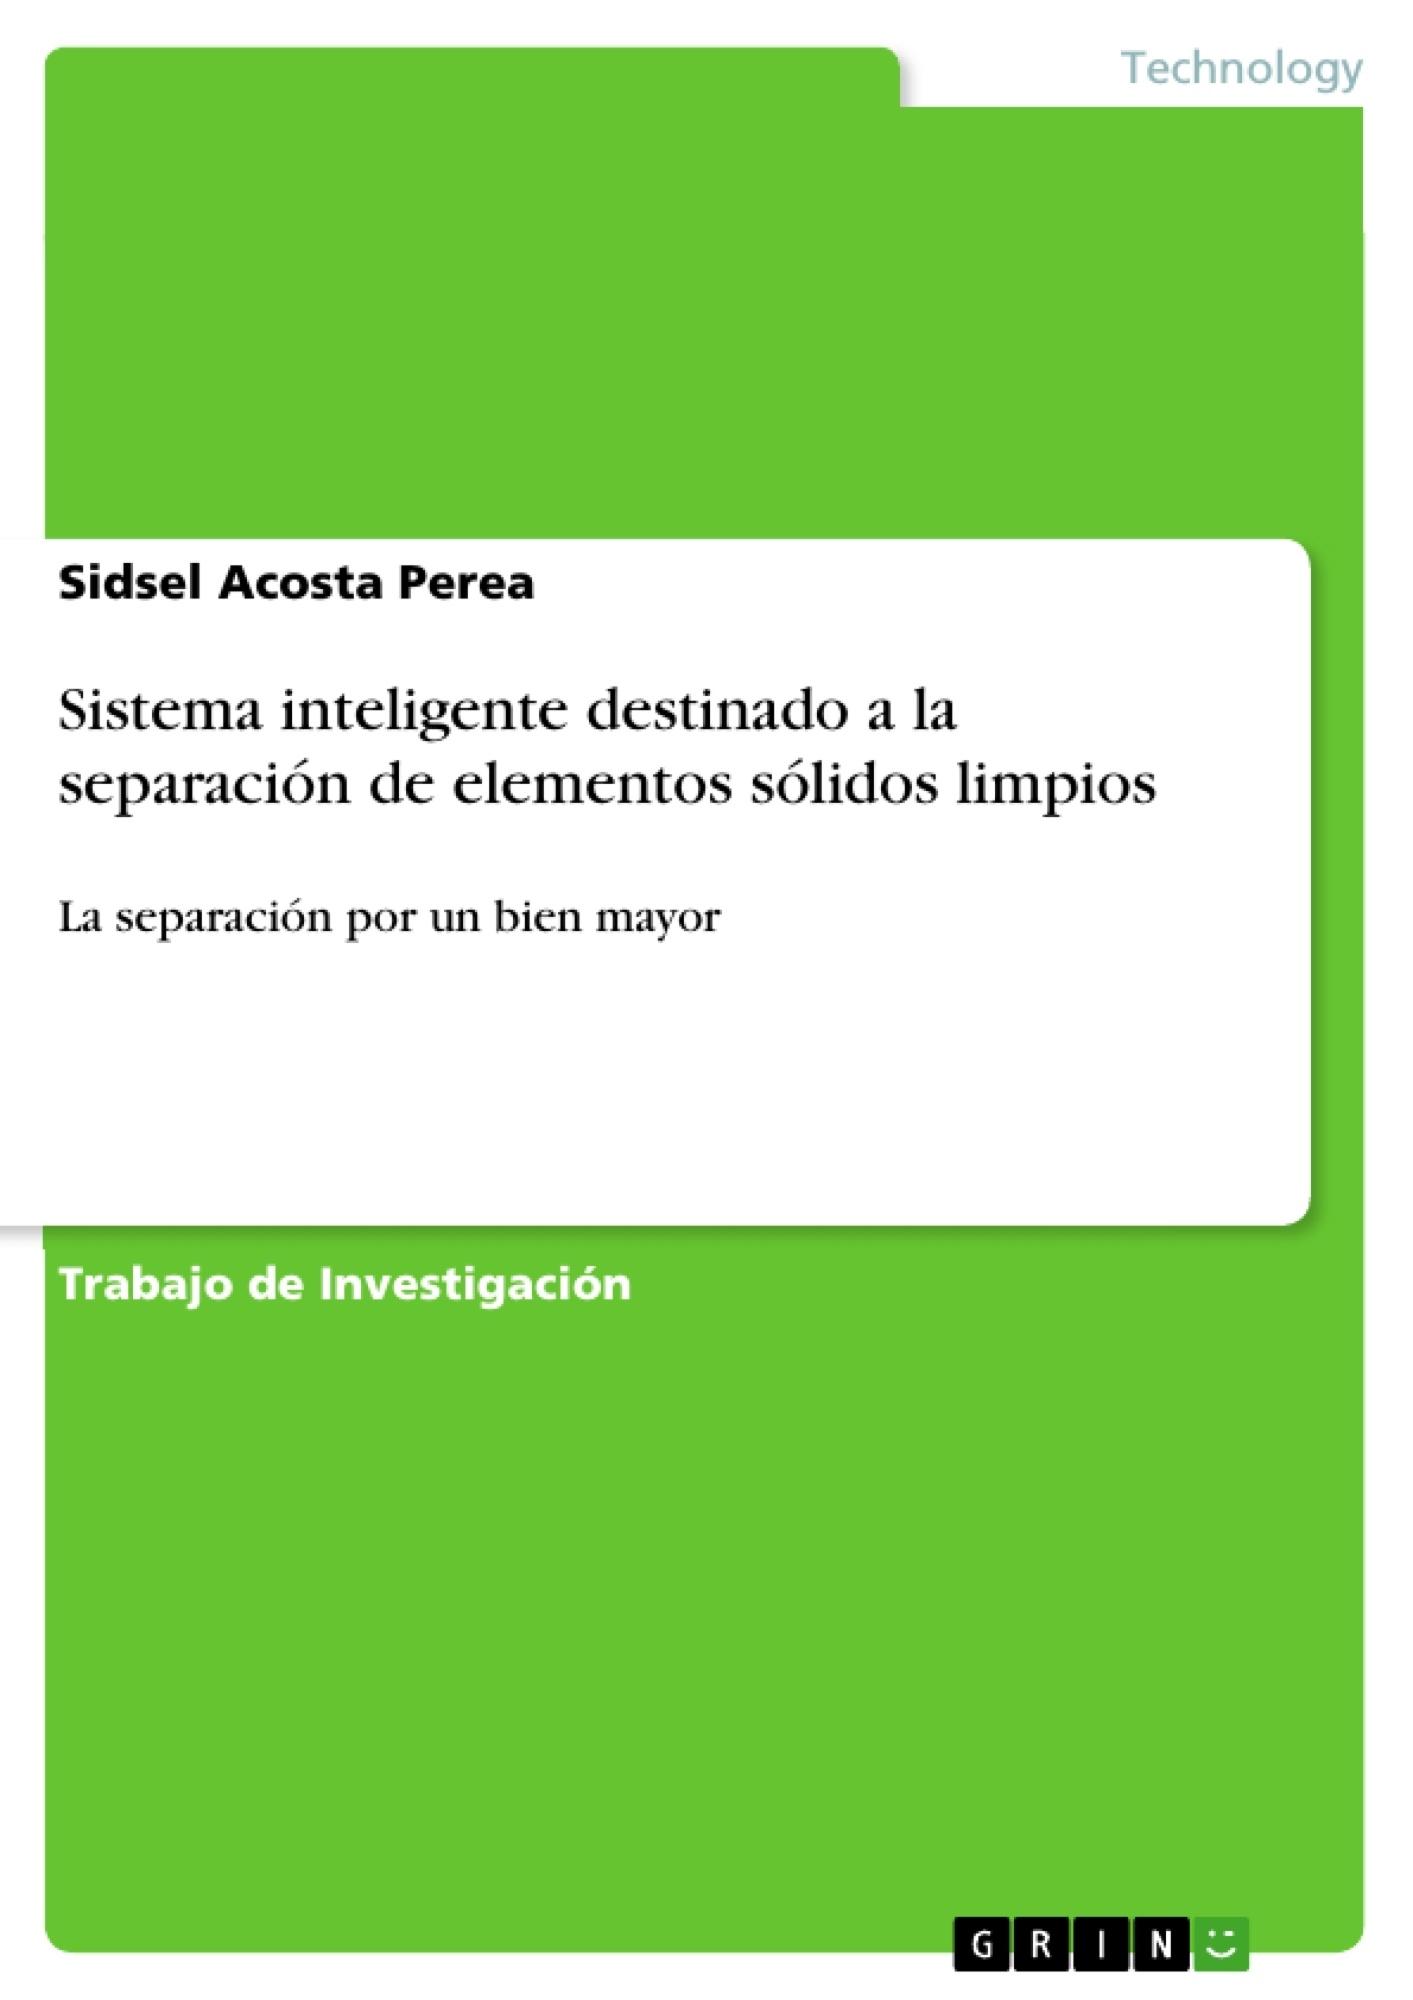 Título: Sistema inteligente destinado a la separación de elementos sólidos limpios